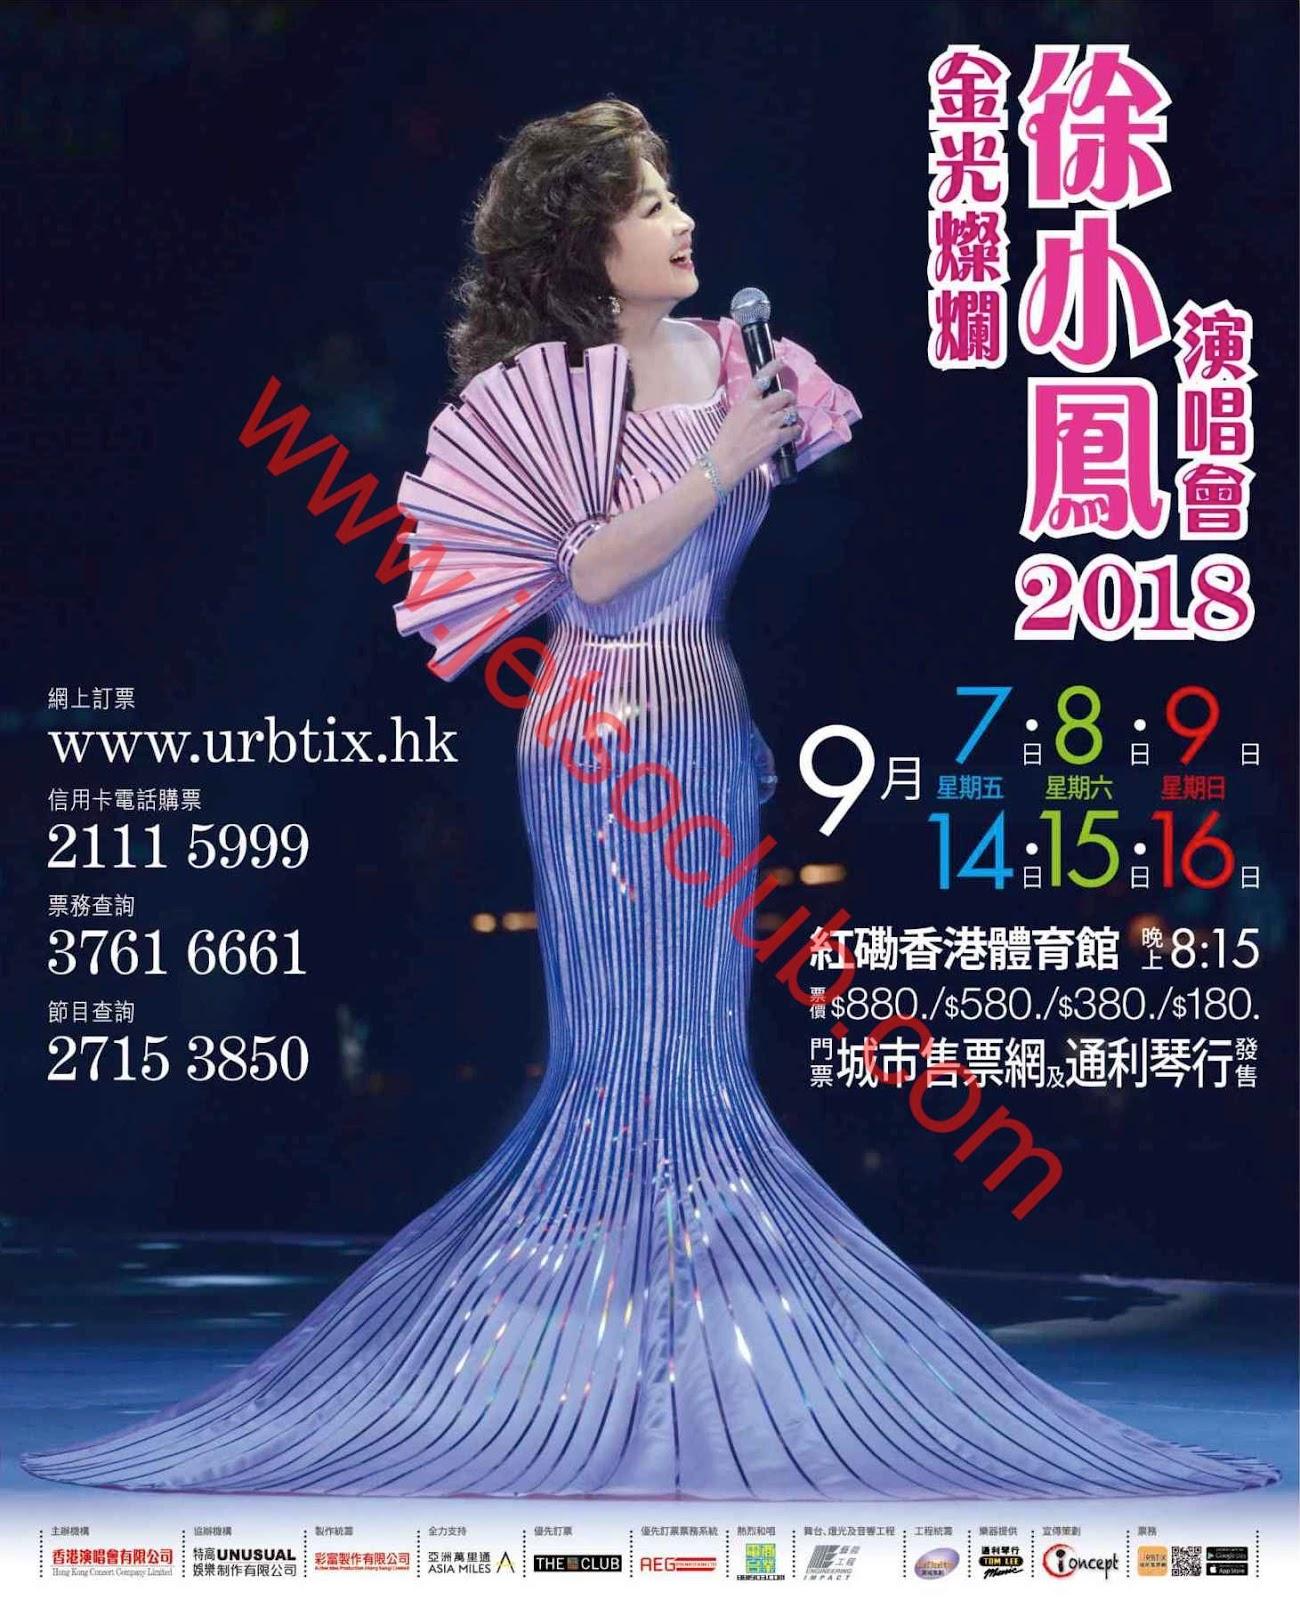 金光燦爛徐小鳳演唱會2018 門票公開發售(5/7起) ( Jetso Club 著數俱樂部 )